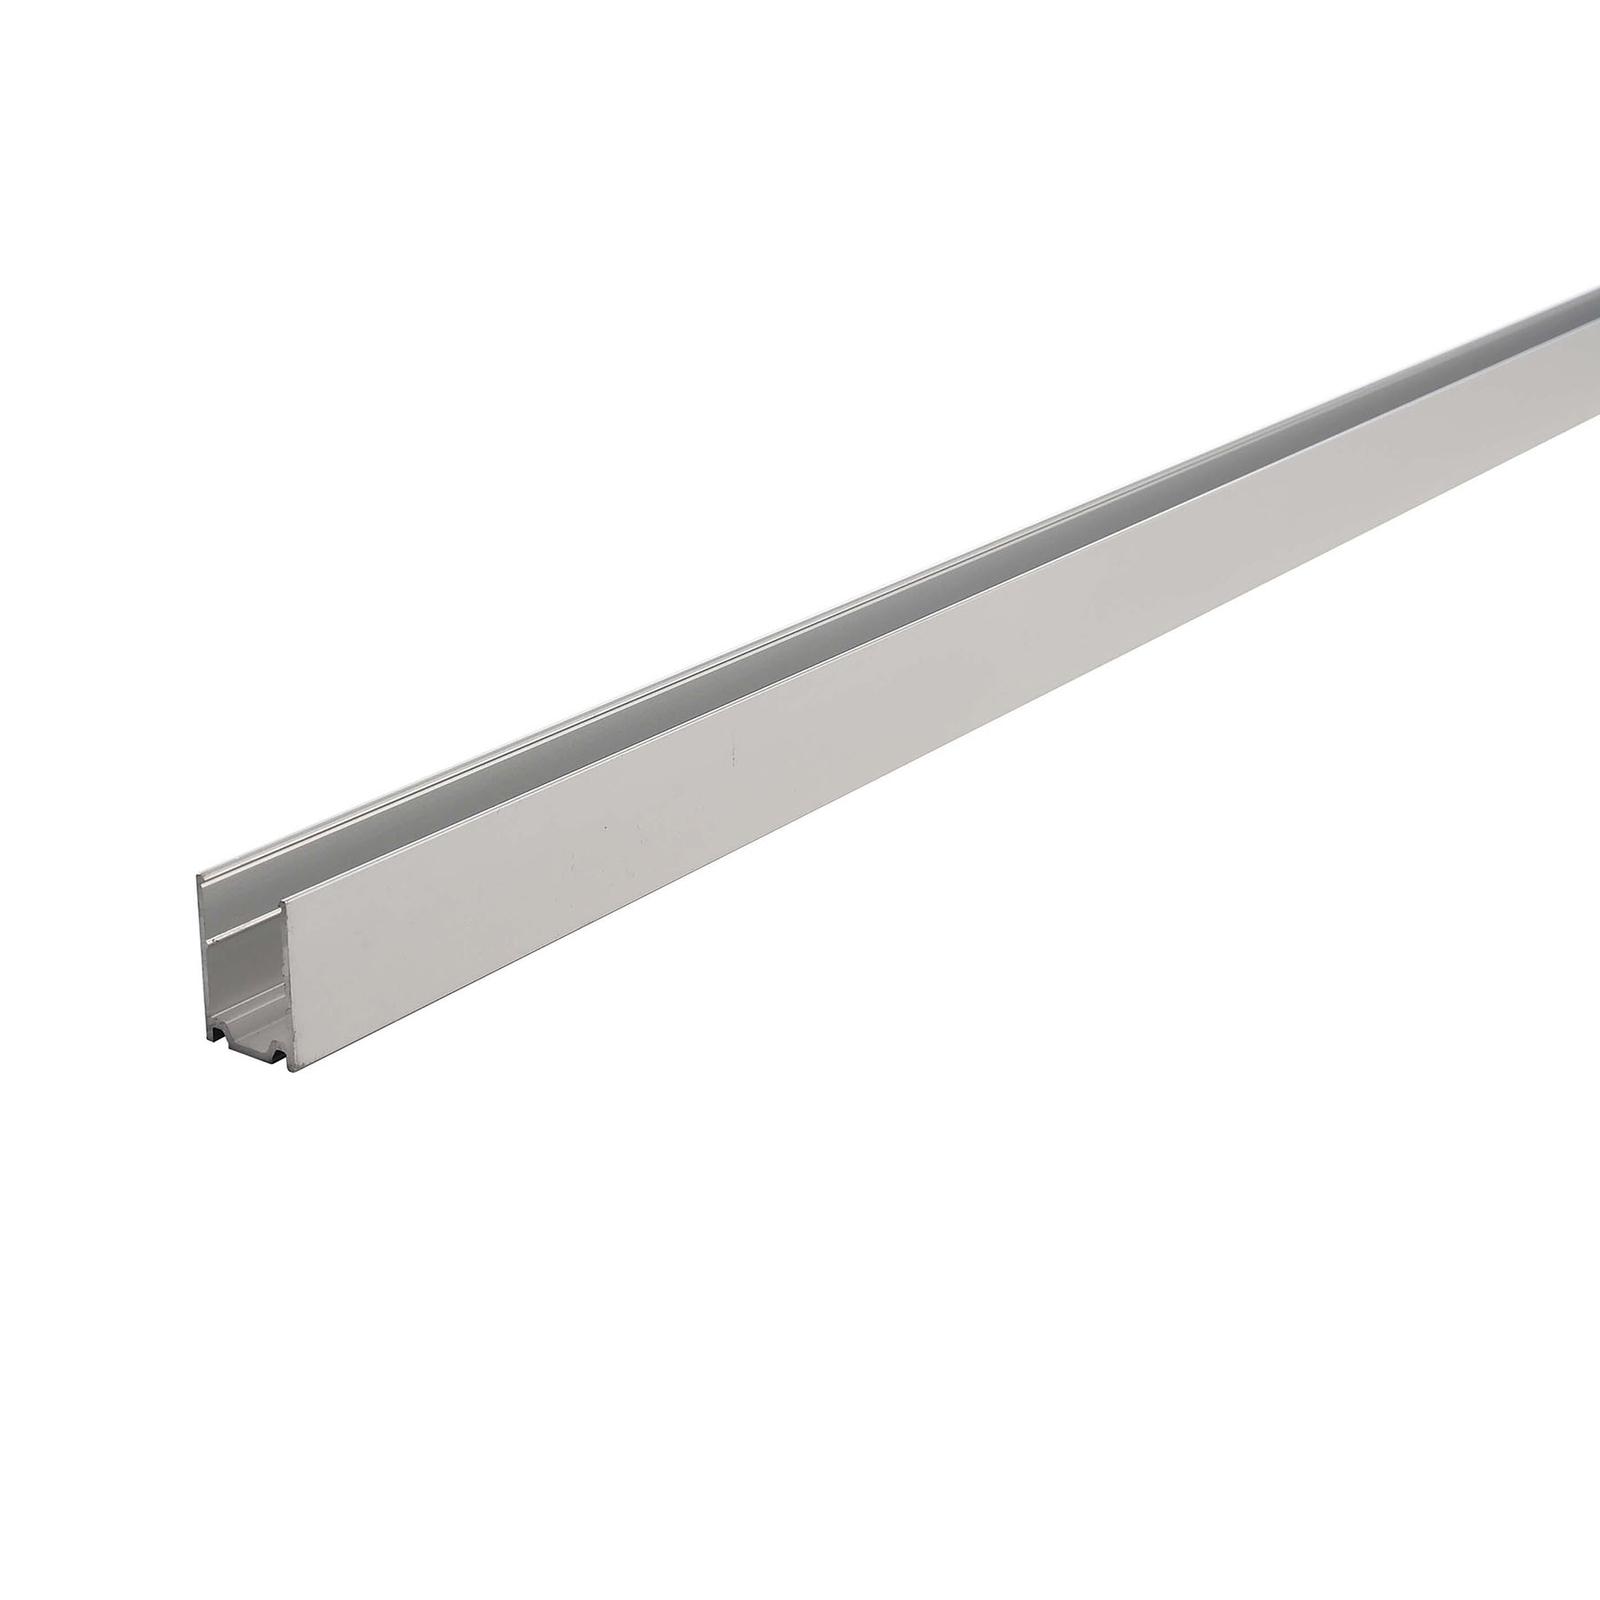 Aluprofil D Flex Line Side View for LED-stripe 1m